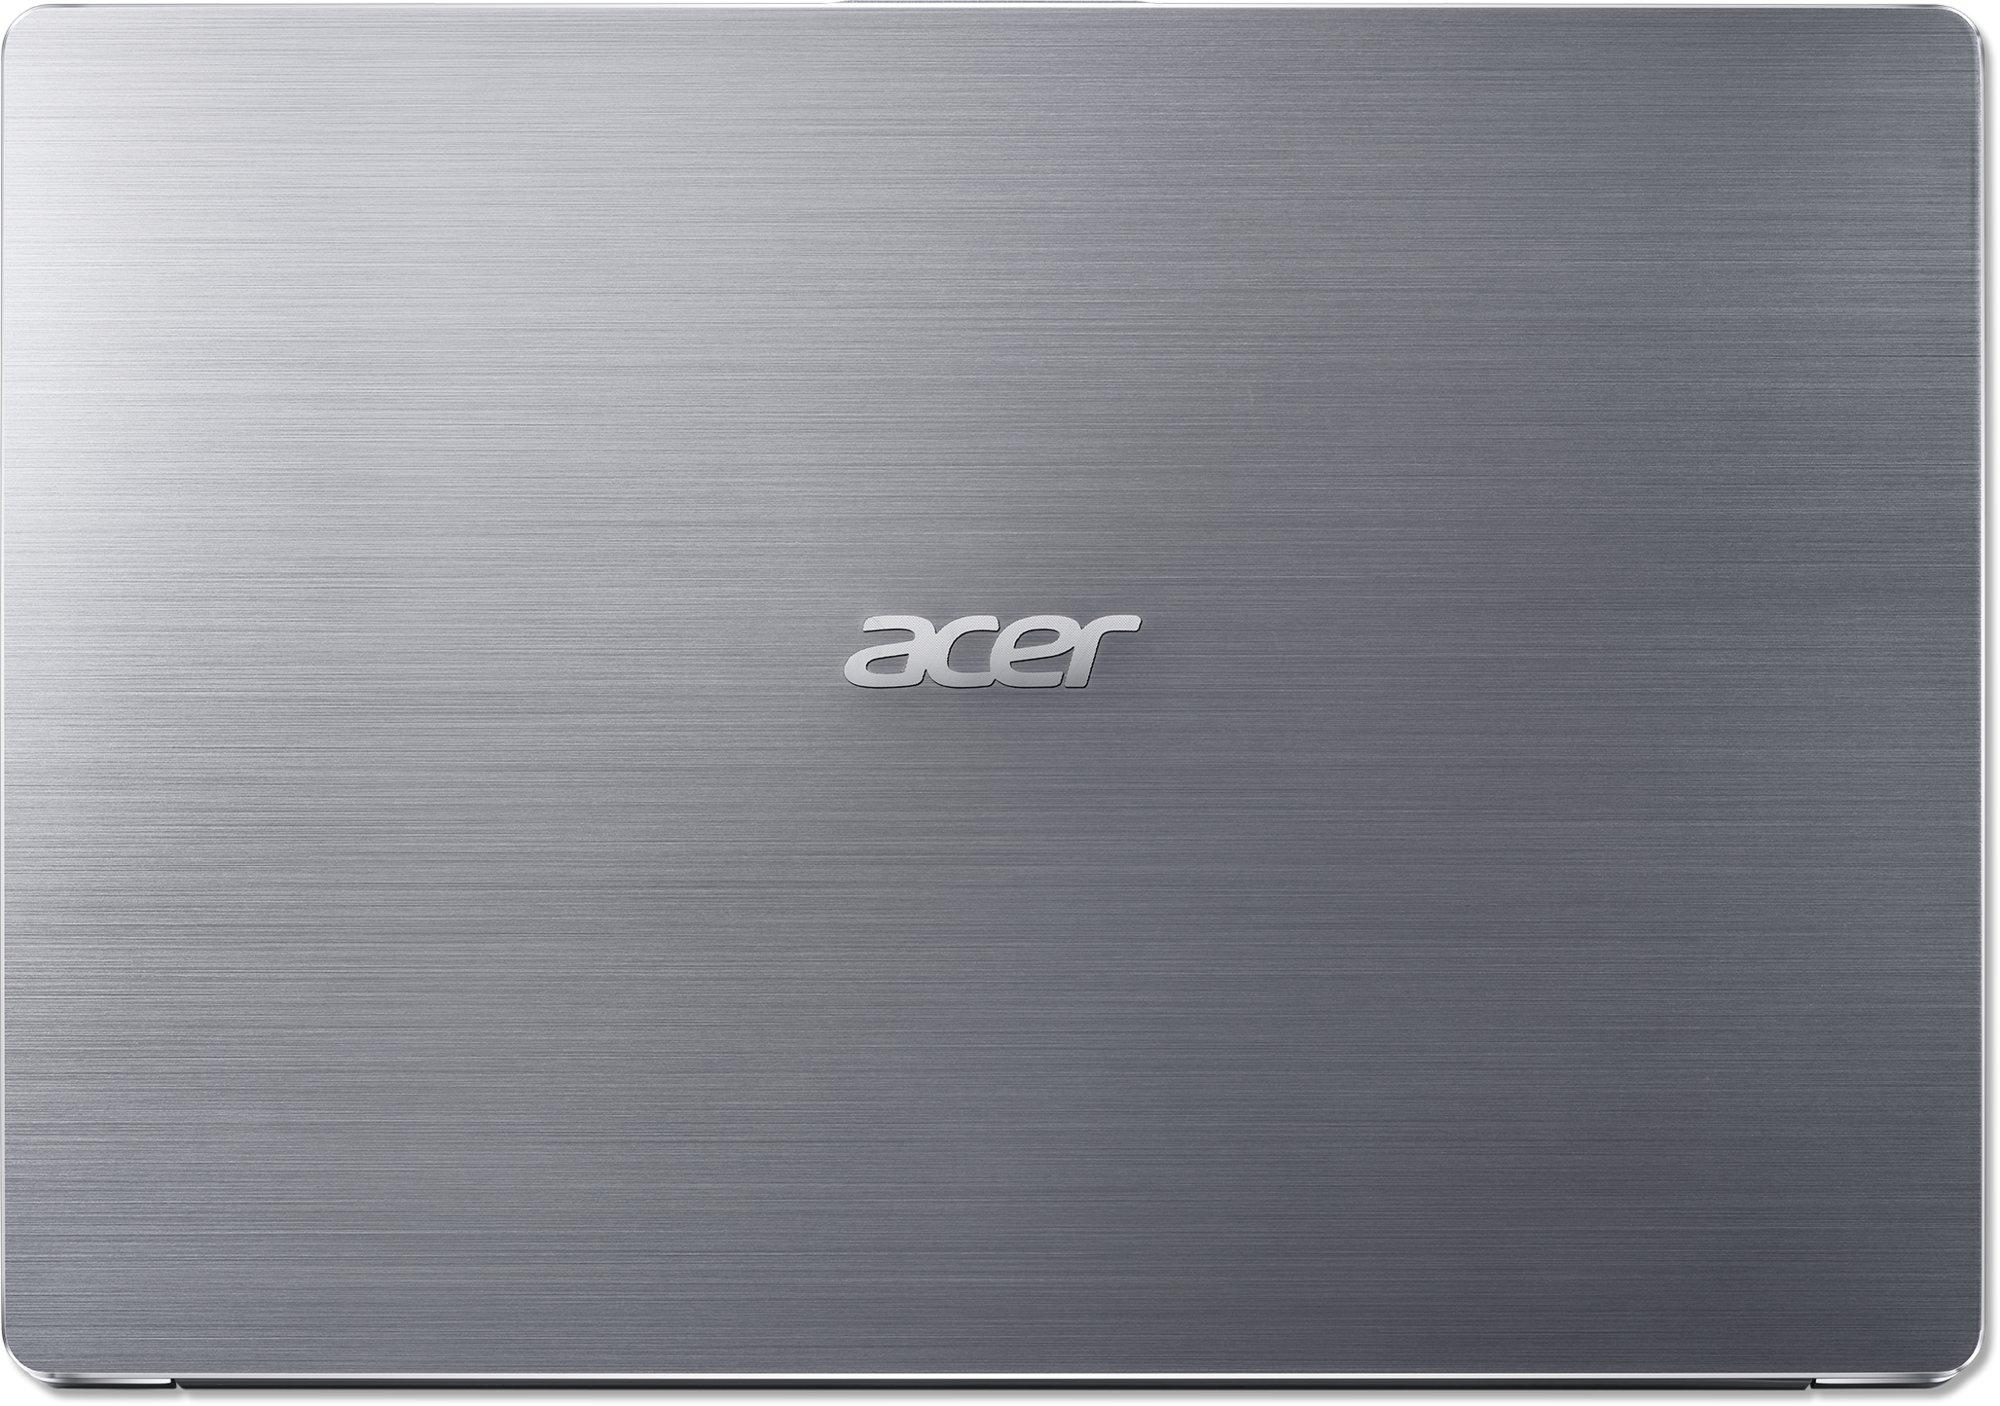 Acer Swift 3 SF314-56G-75SV